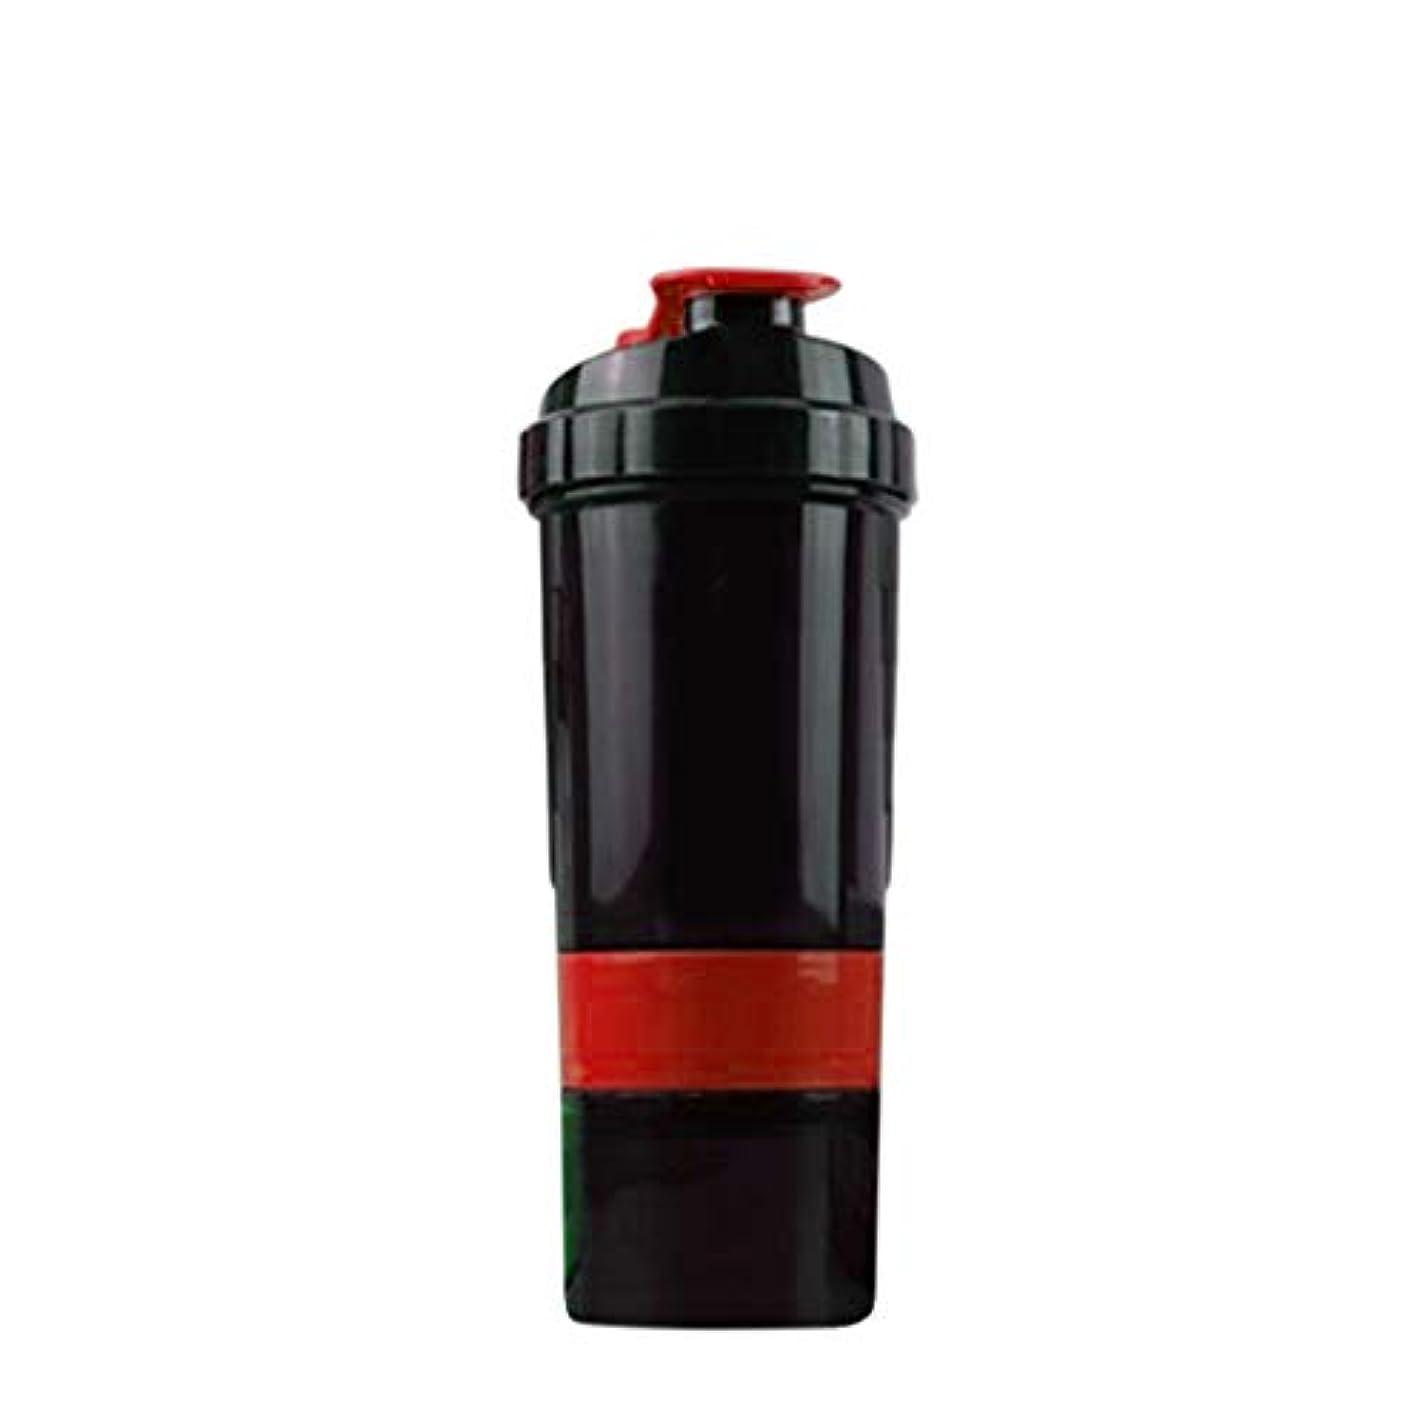 全部メイエラジャンク【LORIA?JP品】 Pro プロテインシェイカー 500ml 多機能 シェーカーボトル レッド